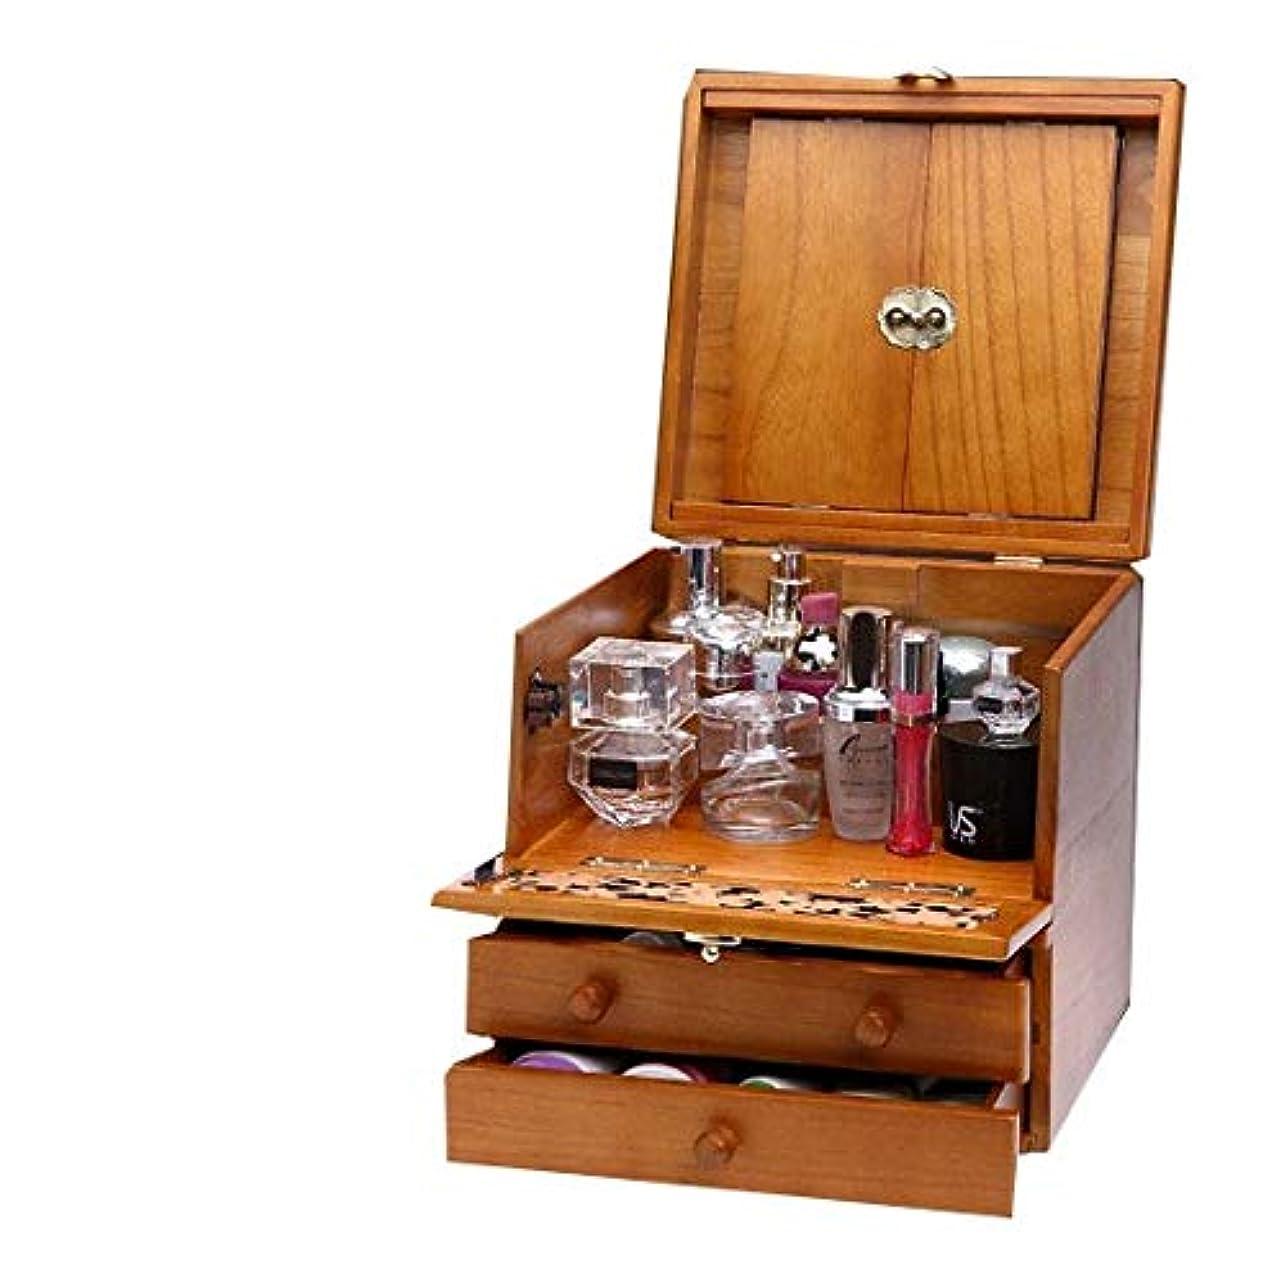 海対人大砲化粧箱、3層レトロ木製彫刻化粧ケース付きミラー、ハイエンドのウェディングギフト、新築祝いのギフト、美容ネイルジュエリー収納ボックス